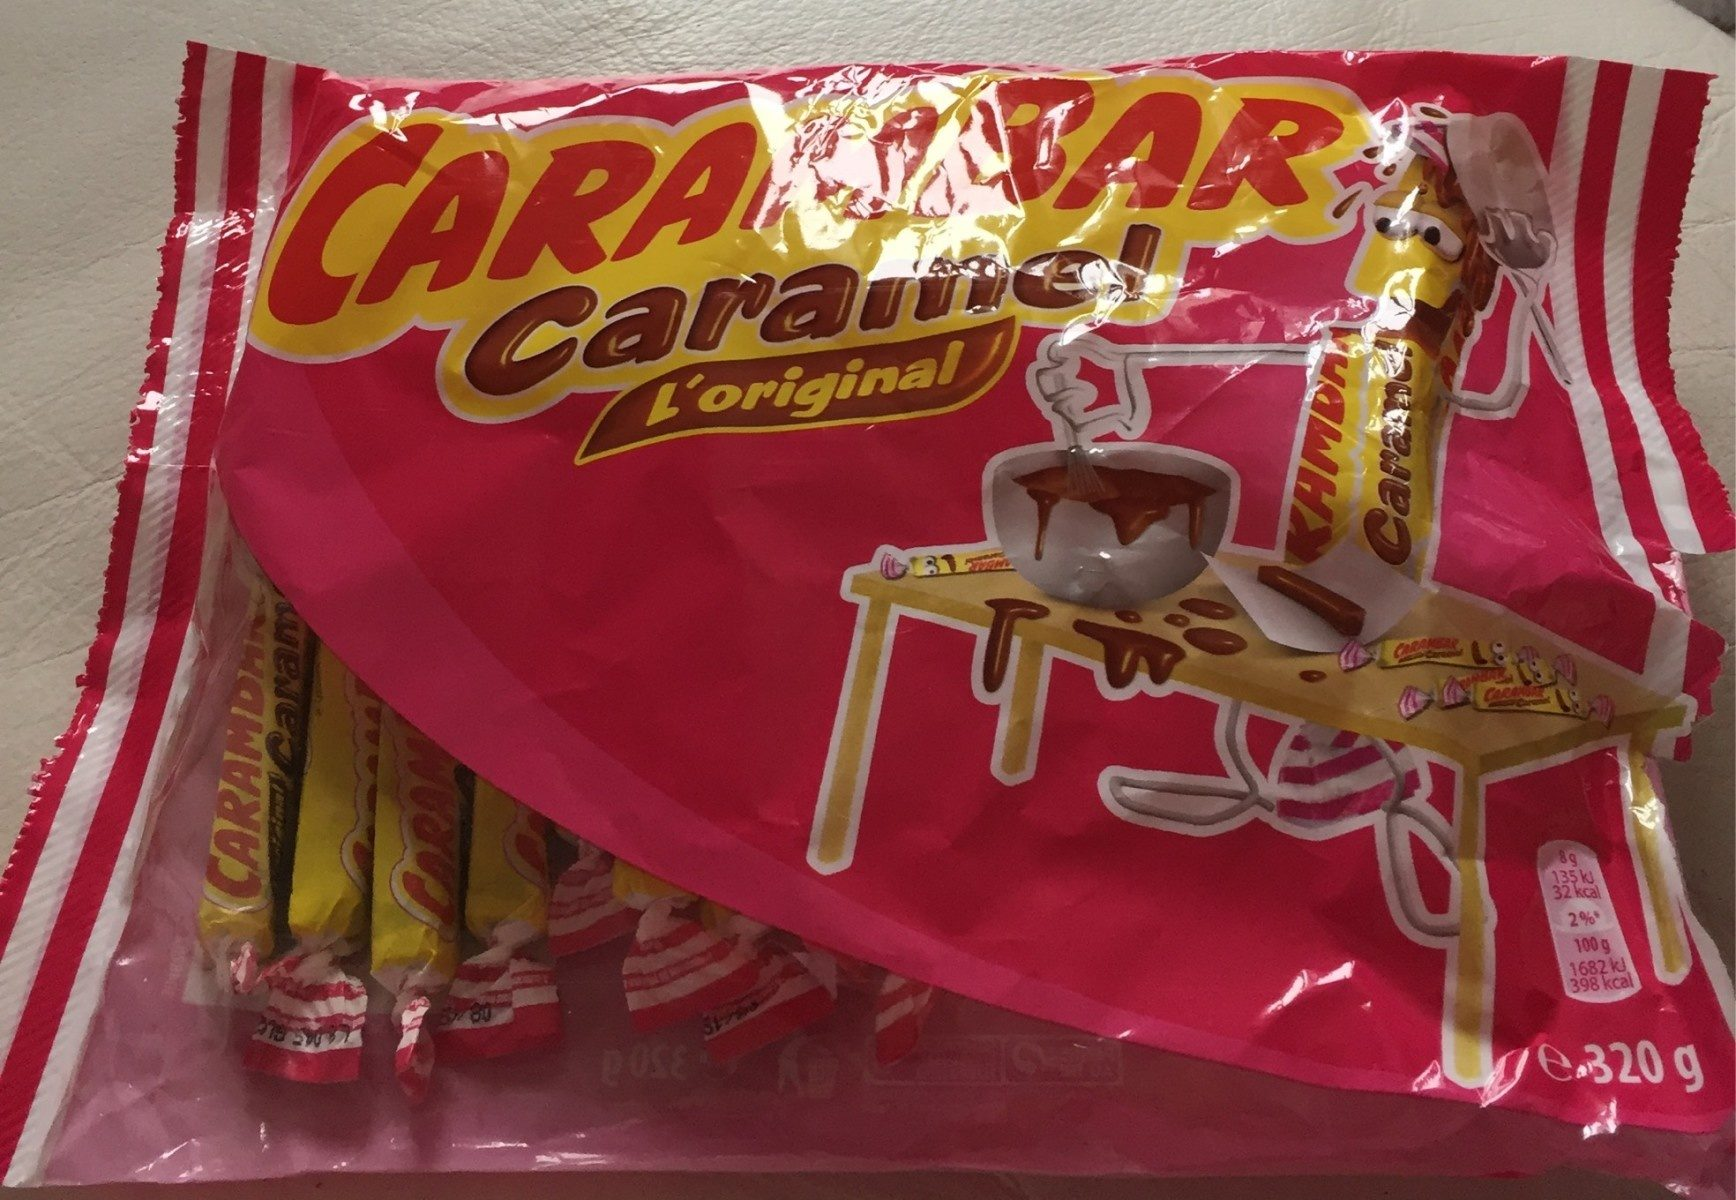 Carambar Caramel L'original - Product